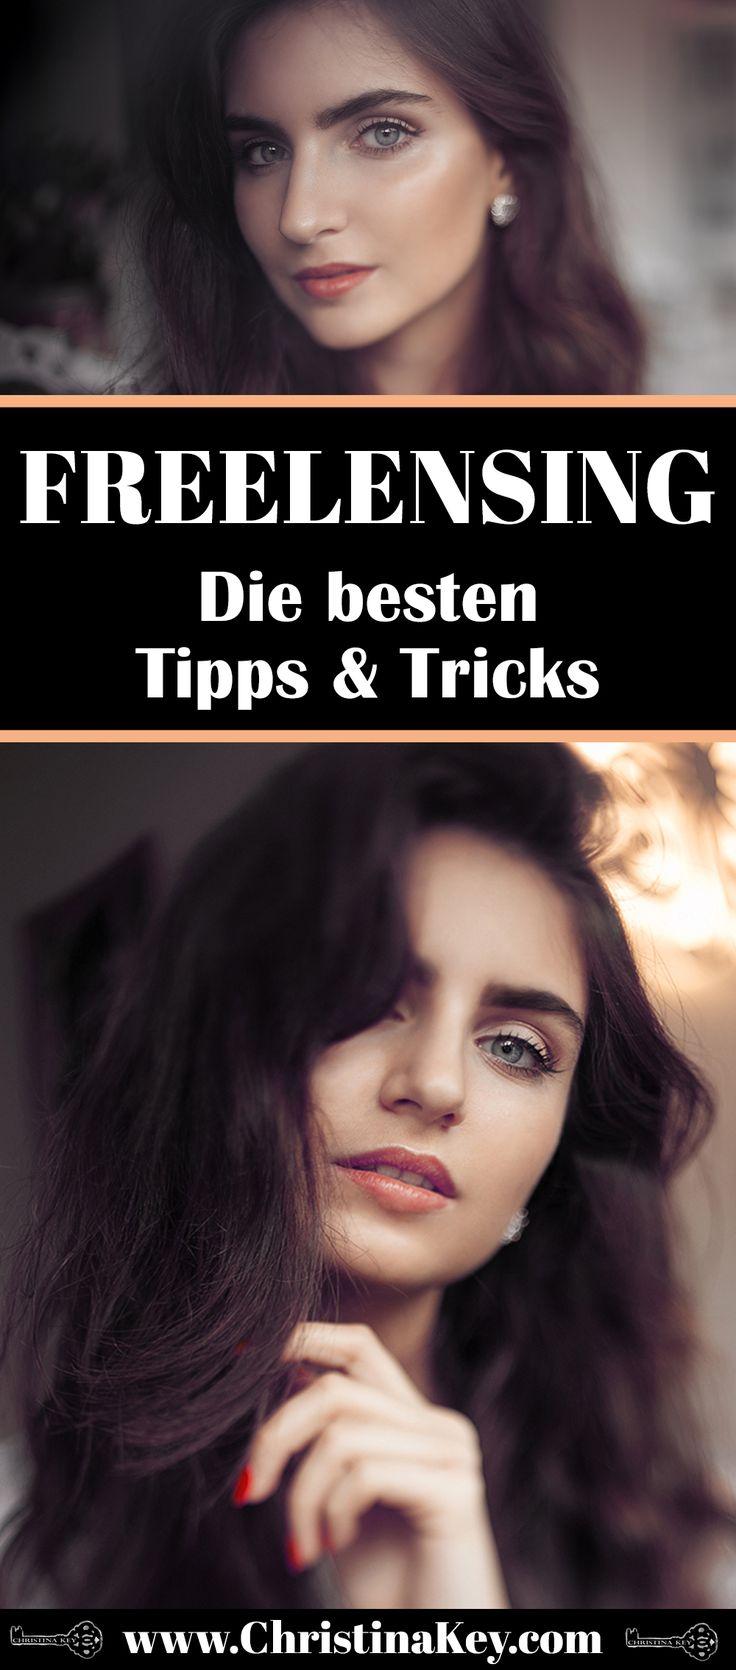 Fotografie Tipps - Freelensing - Das musst Du wissen! Jetzt mit den besten Tipps & Tricks zum Nachlesen und mit vielen Beispiel Fotos! Entdecke jetzt den ganzen Low Budget Foto Hack auf CHRISTINA KEY - dem Fotografie, Blogger Tipps, Rezepte, Mode und DIY Blog aus Berlin, Deutschland